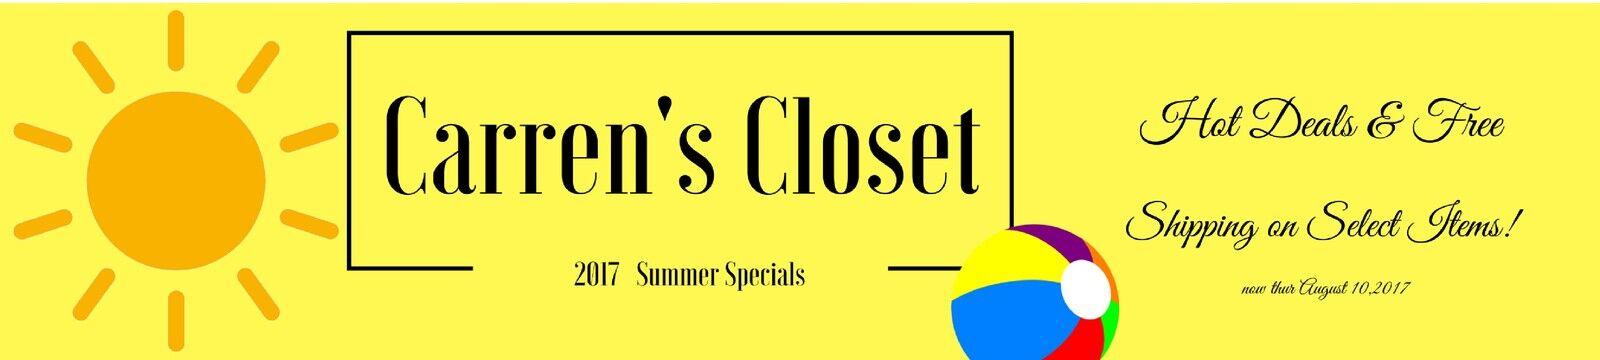 Carren s Closet